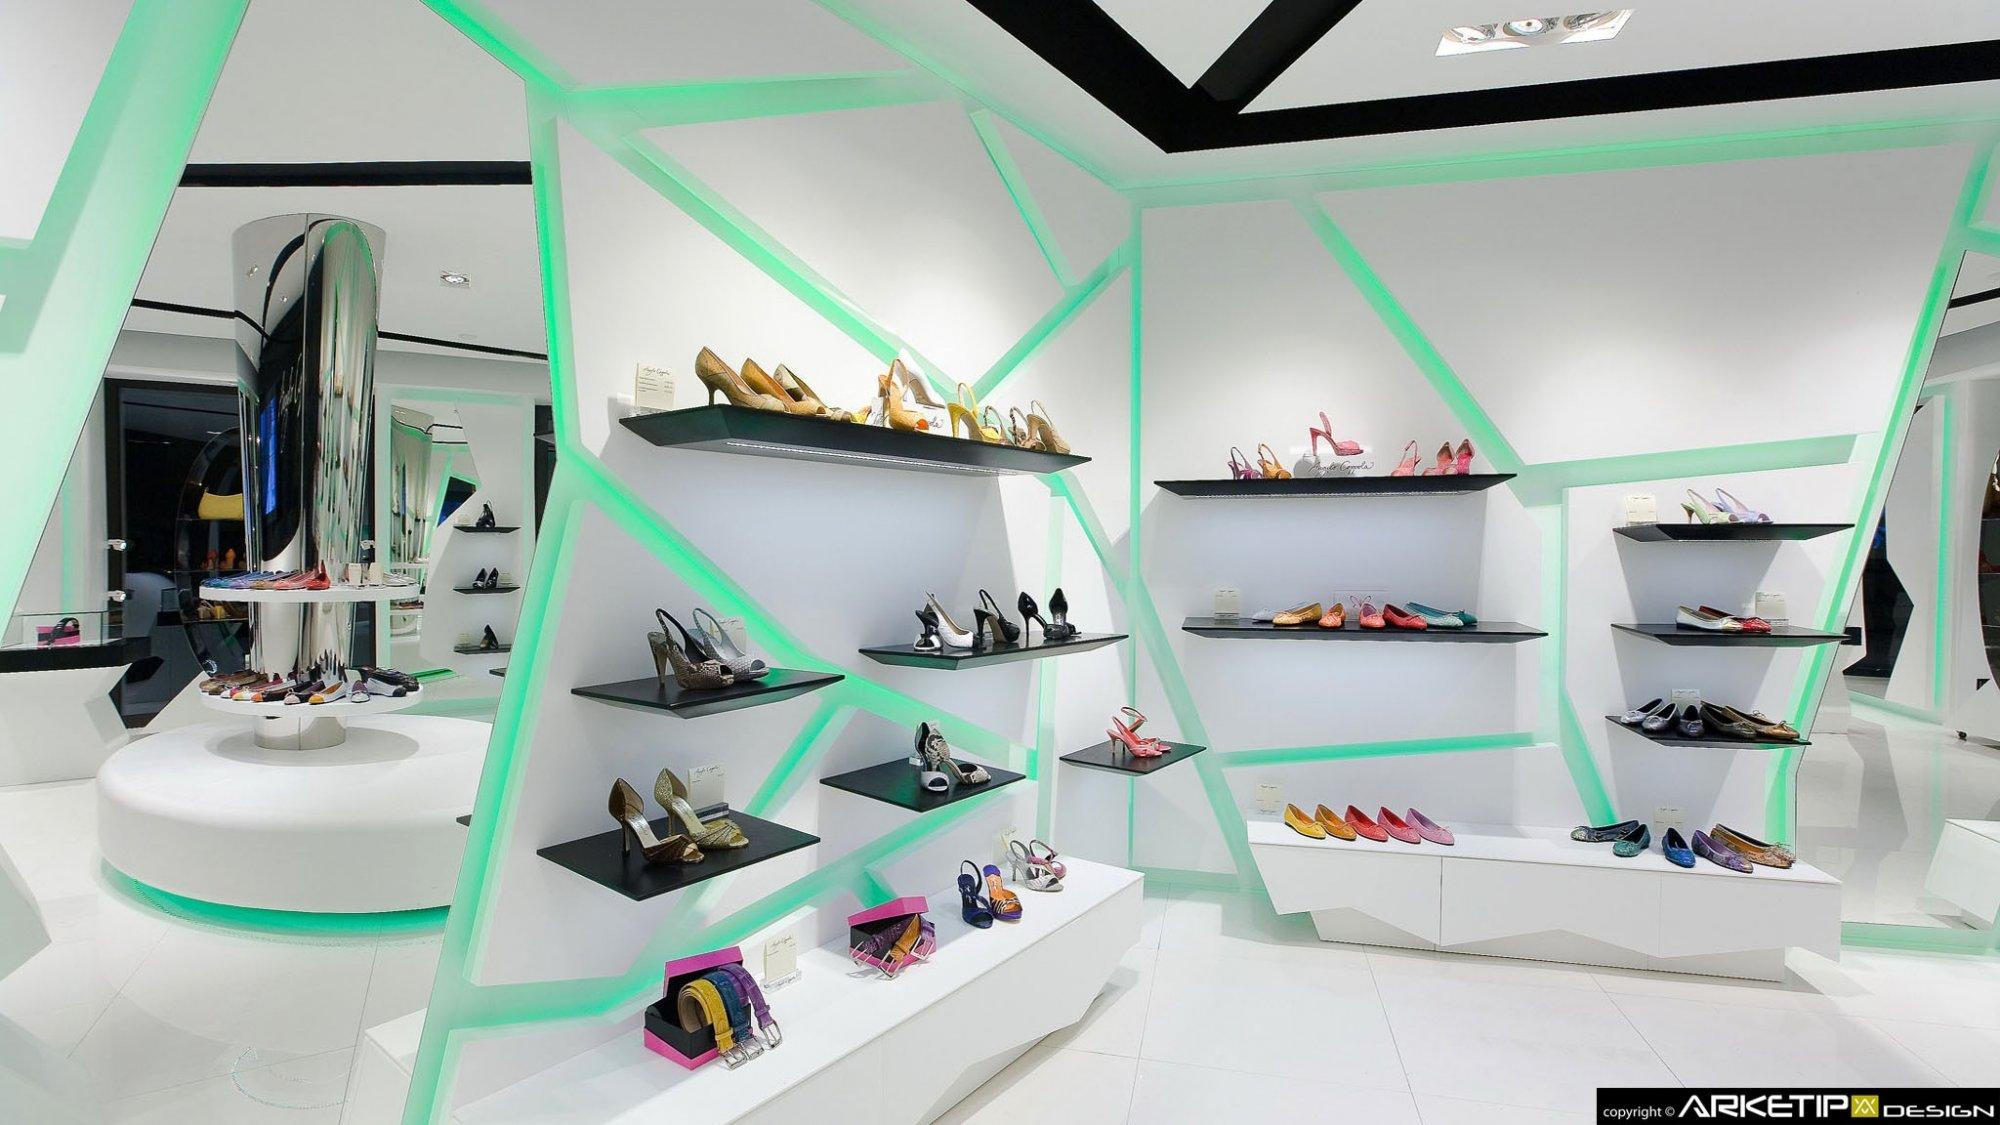 Allestimento negozio scarpe tr81 regardsdefemmes for Negozi arredamento monza